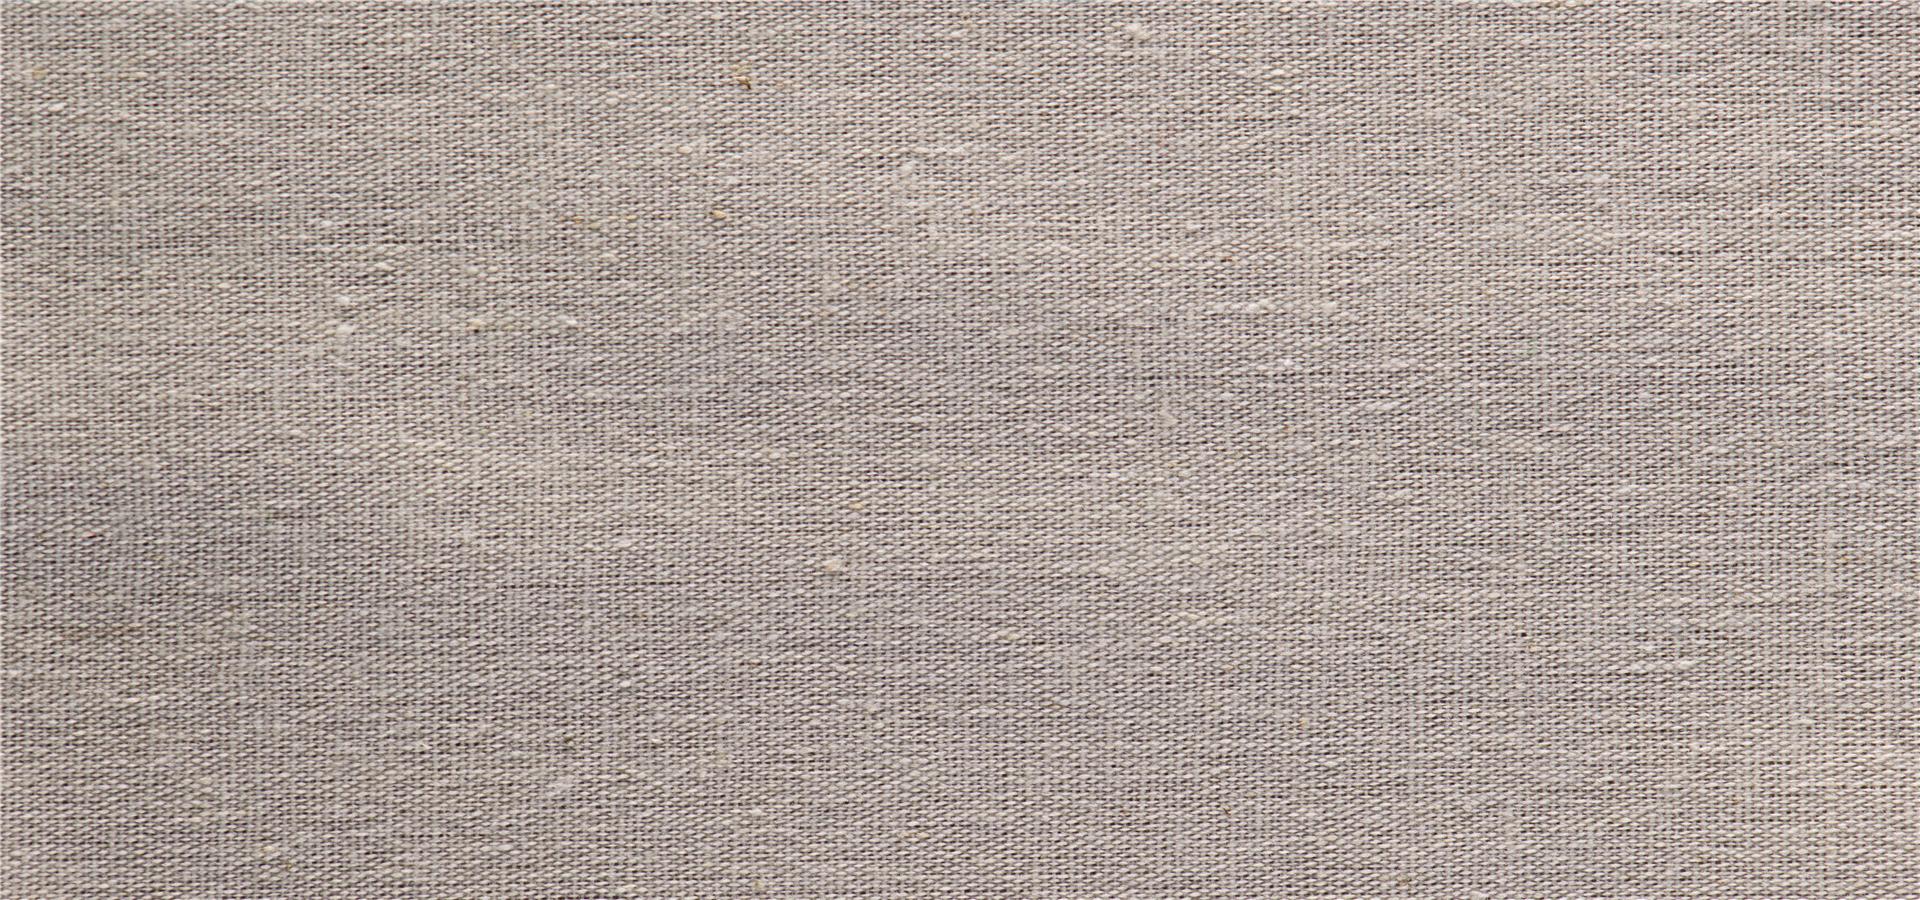 jute la texture mat riel sch ma contexte textile les fibres tissu image de fond pour le. Black Bedroom Furniture Sets. Home Design Ideas